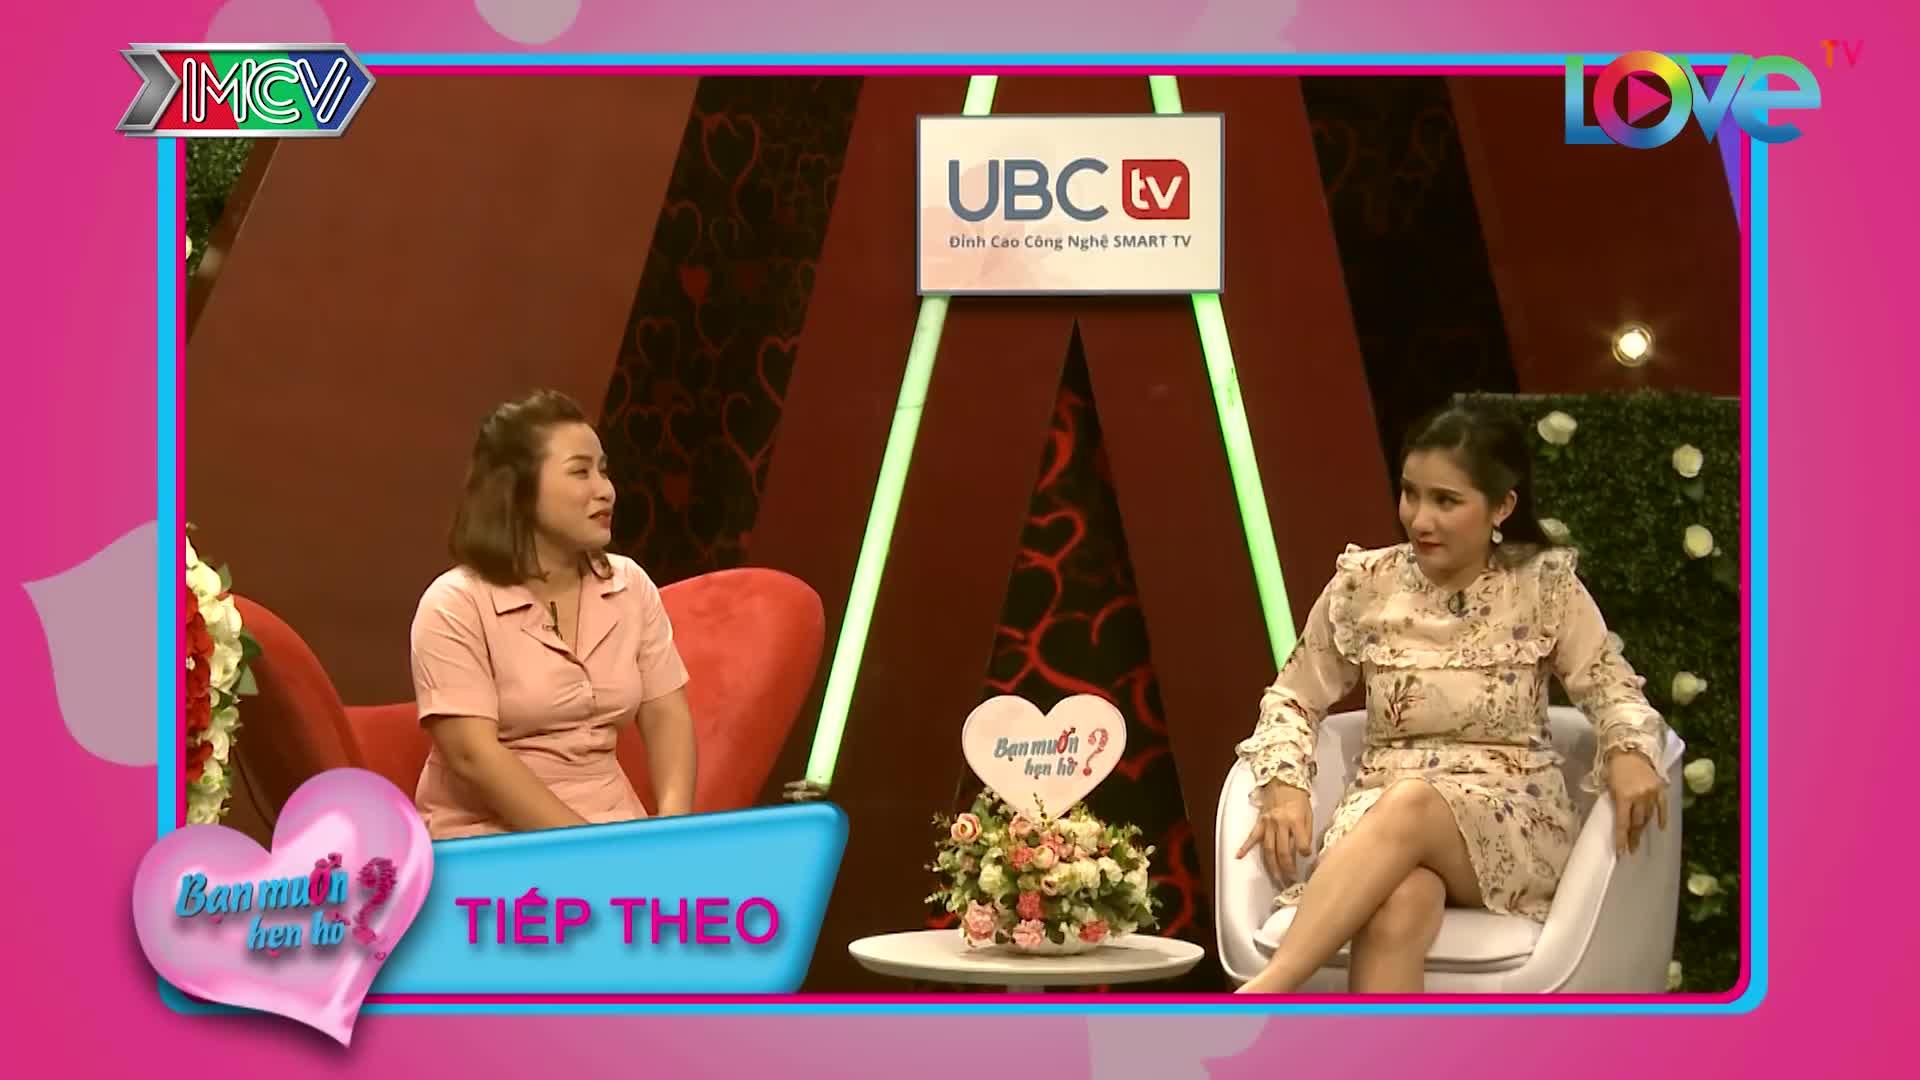 Bạn muốn hẹn hò: Cặp đôi Thanh Thư và Quốc Việt